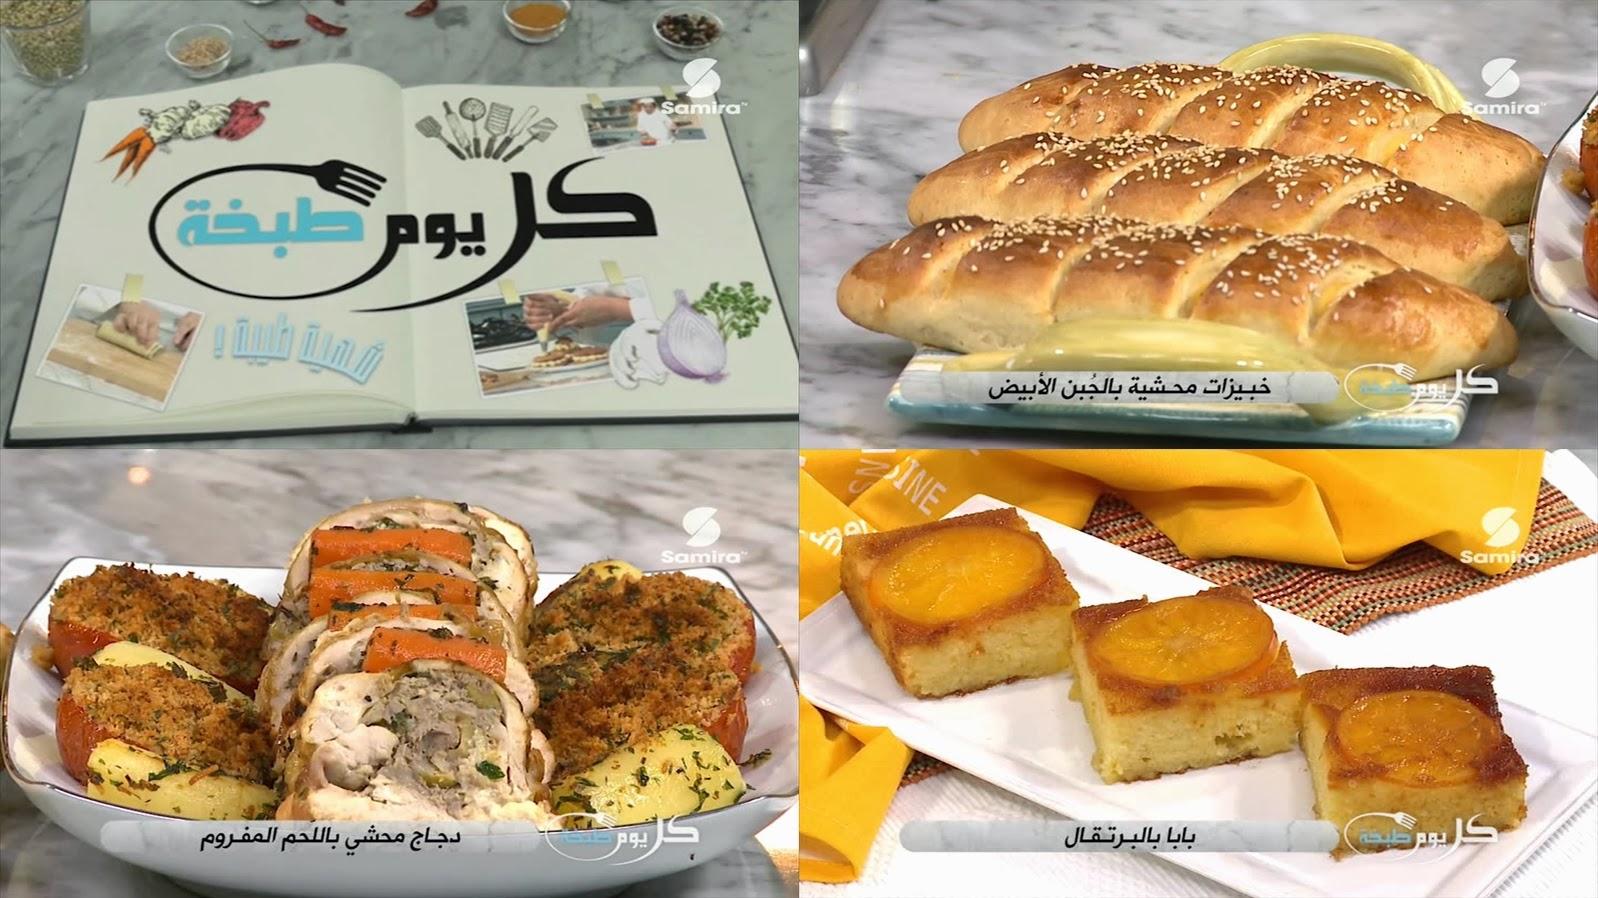 Hervorragend La Cuisine Algérienne: Samira TV كل يوم طبخة YP93